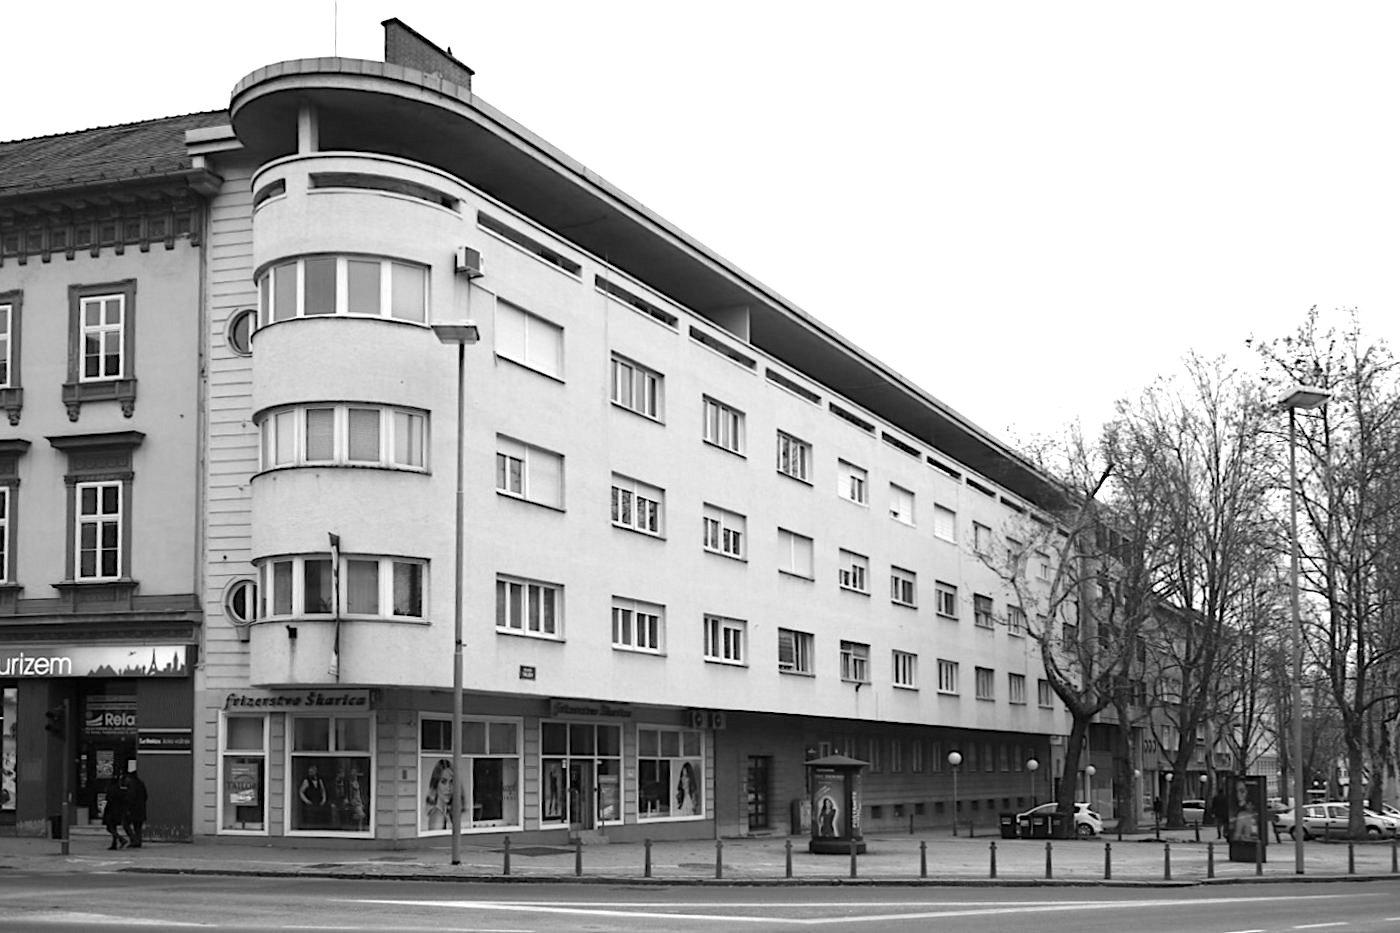 Moderne. Wohn- und Geschäftshaus von Saša Dev, Fertigstellung: 1940.